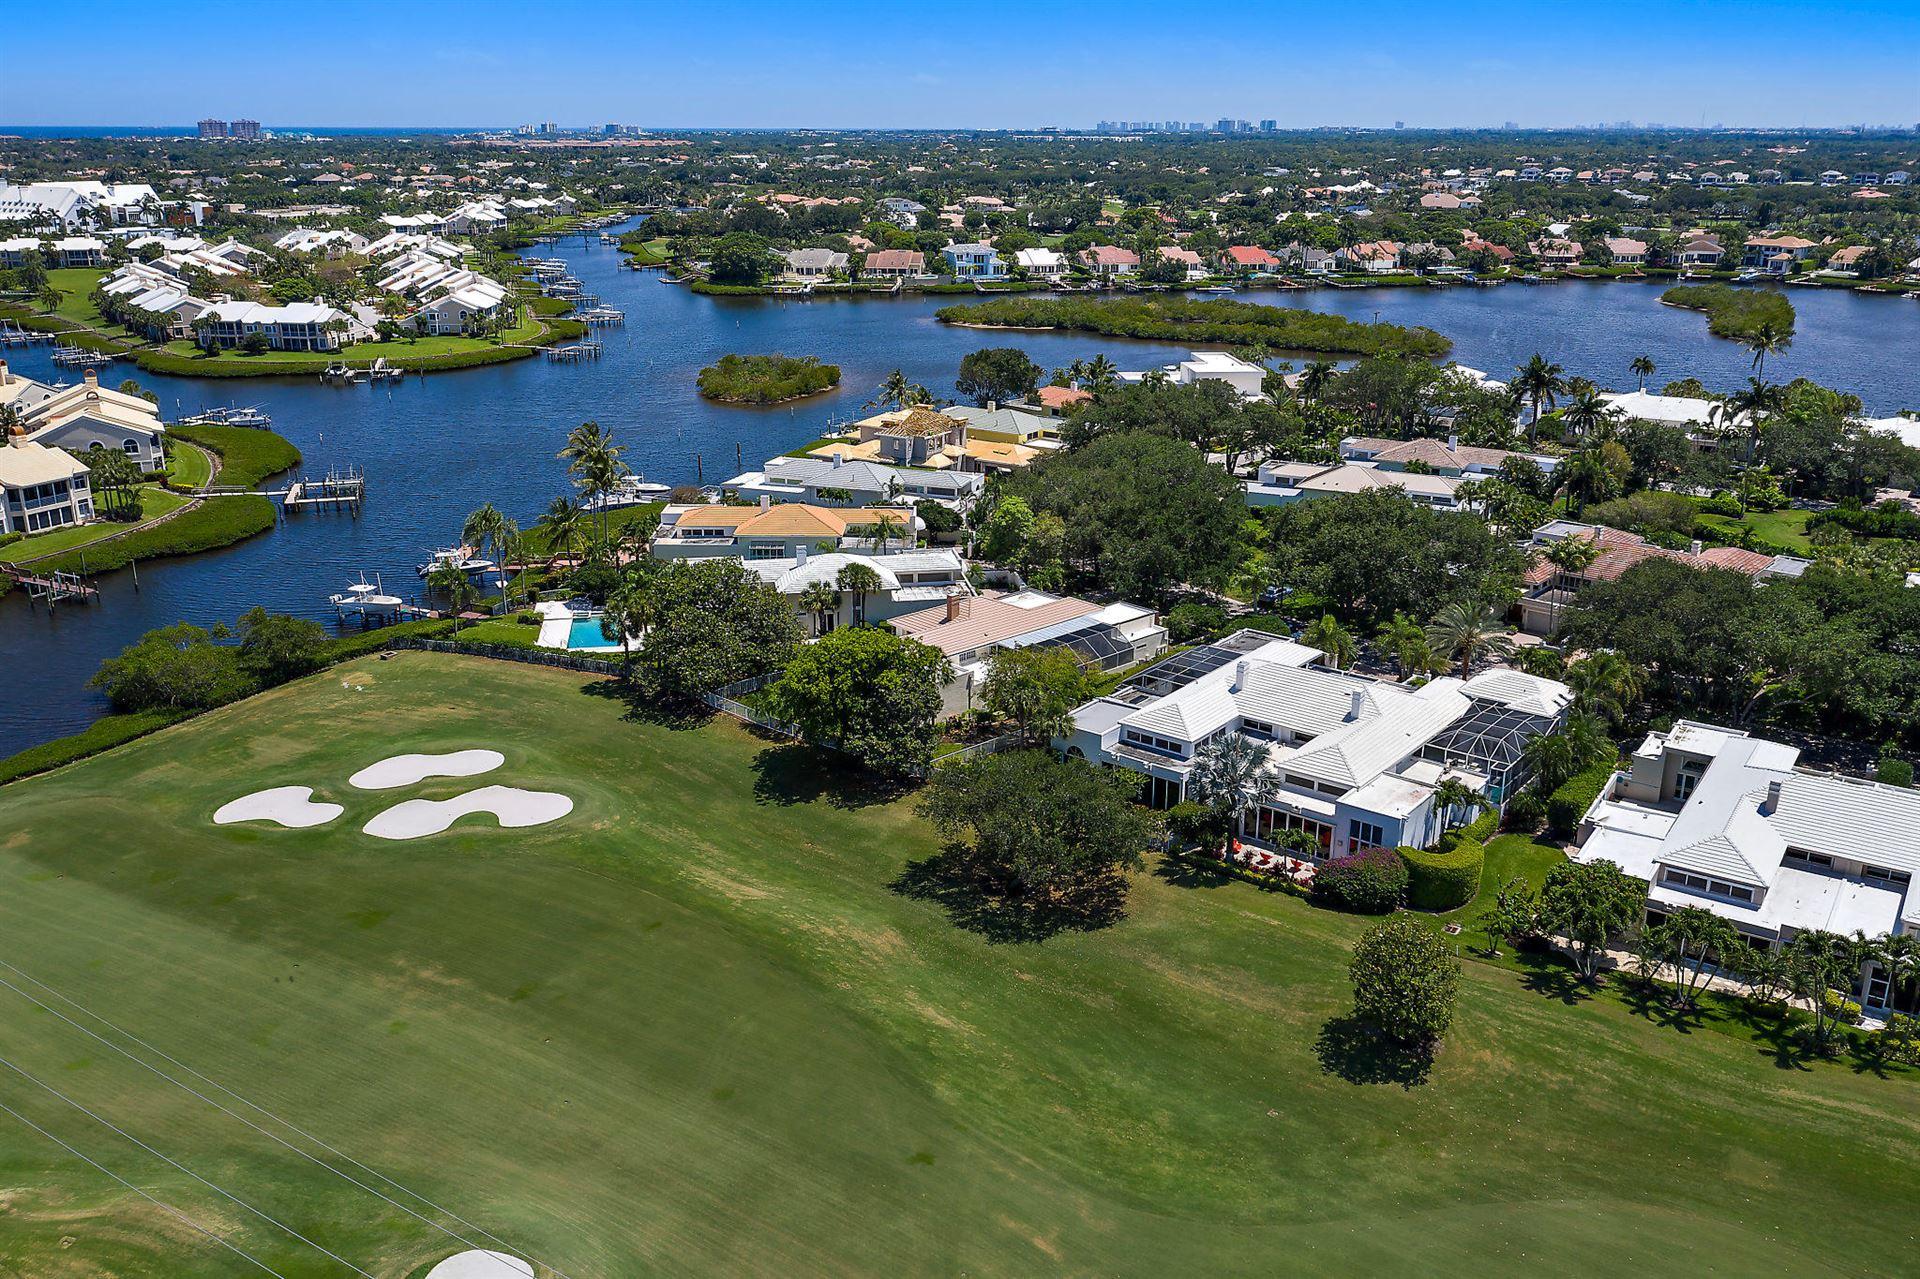 114 Waters Edge Drive #114, Jupiter, FL 33477 - #: RX-10619581